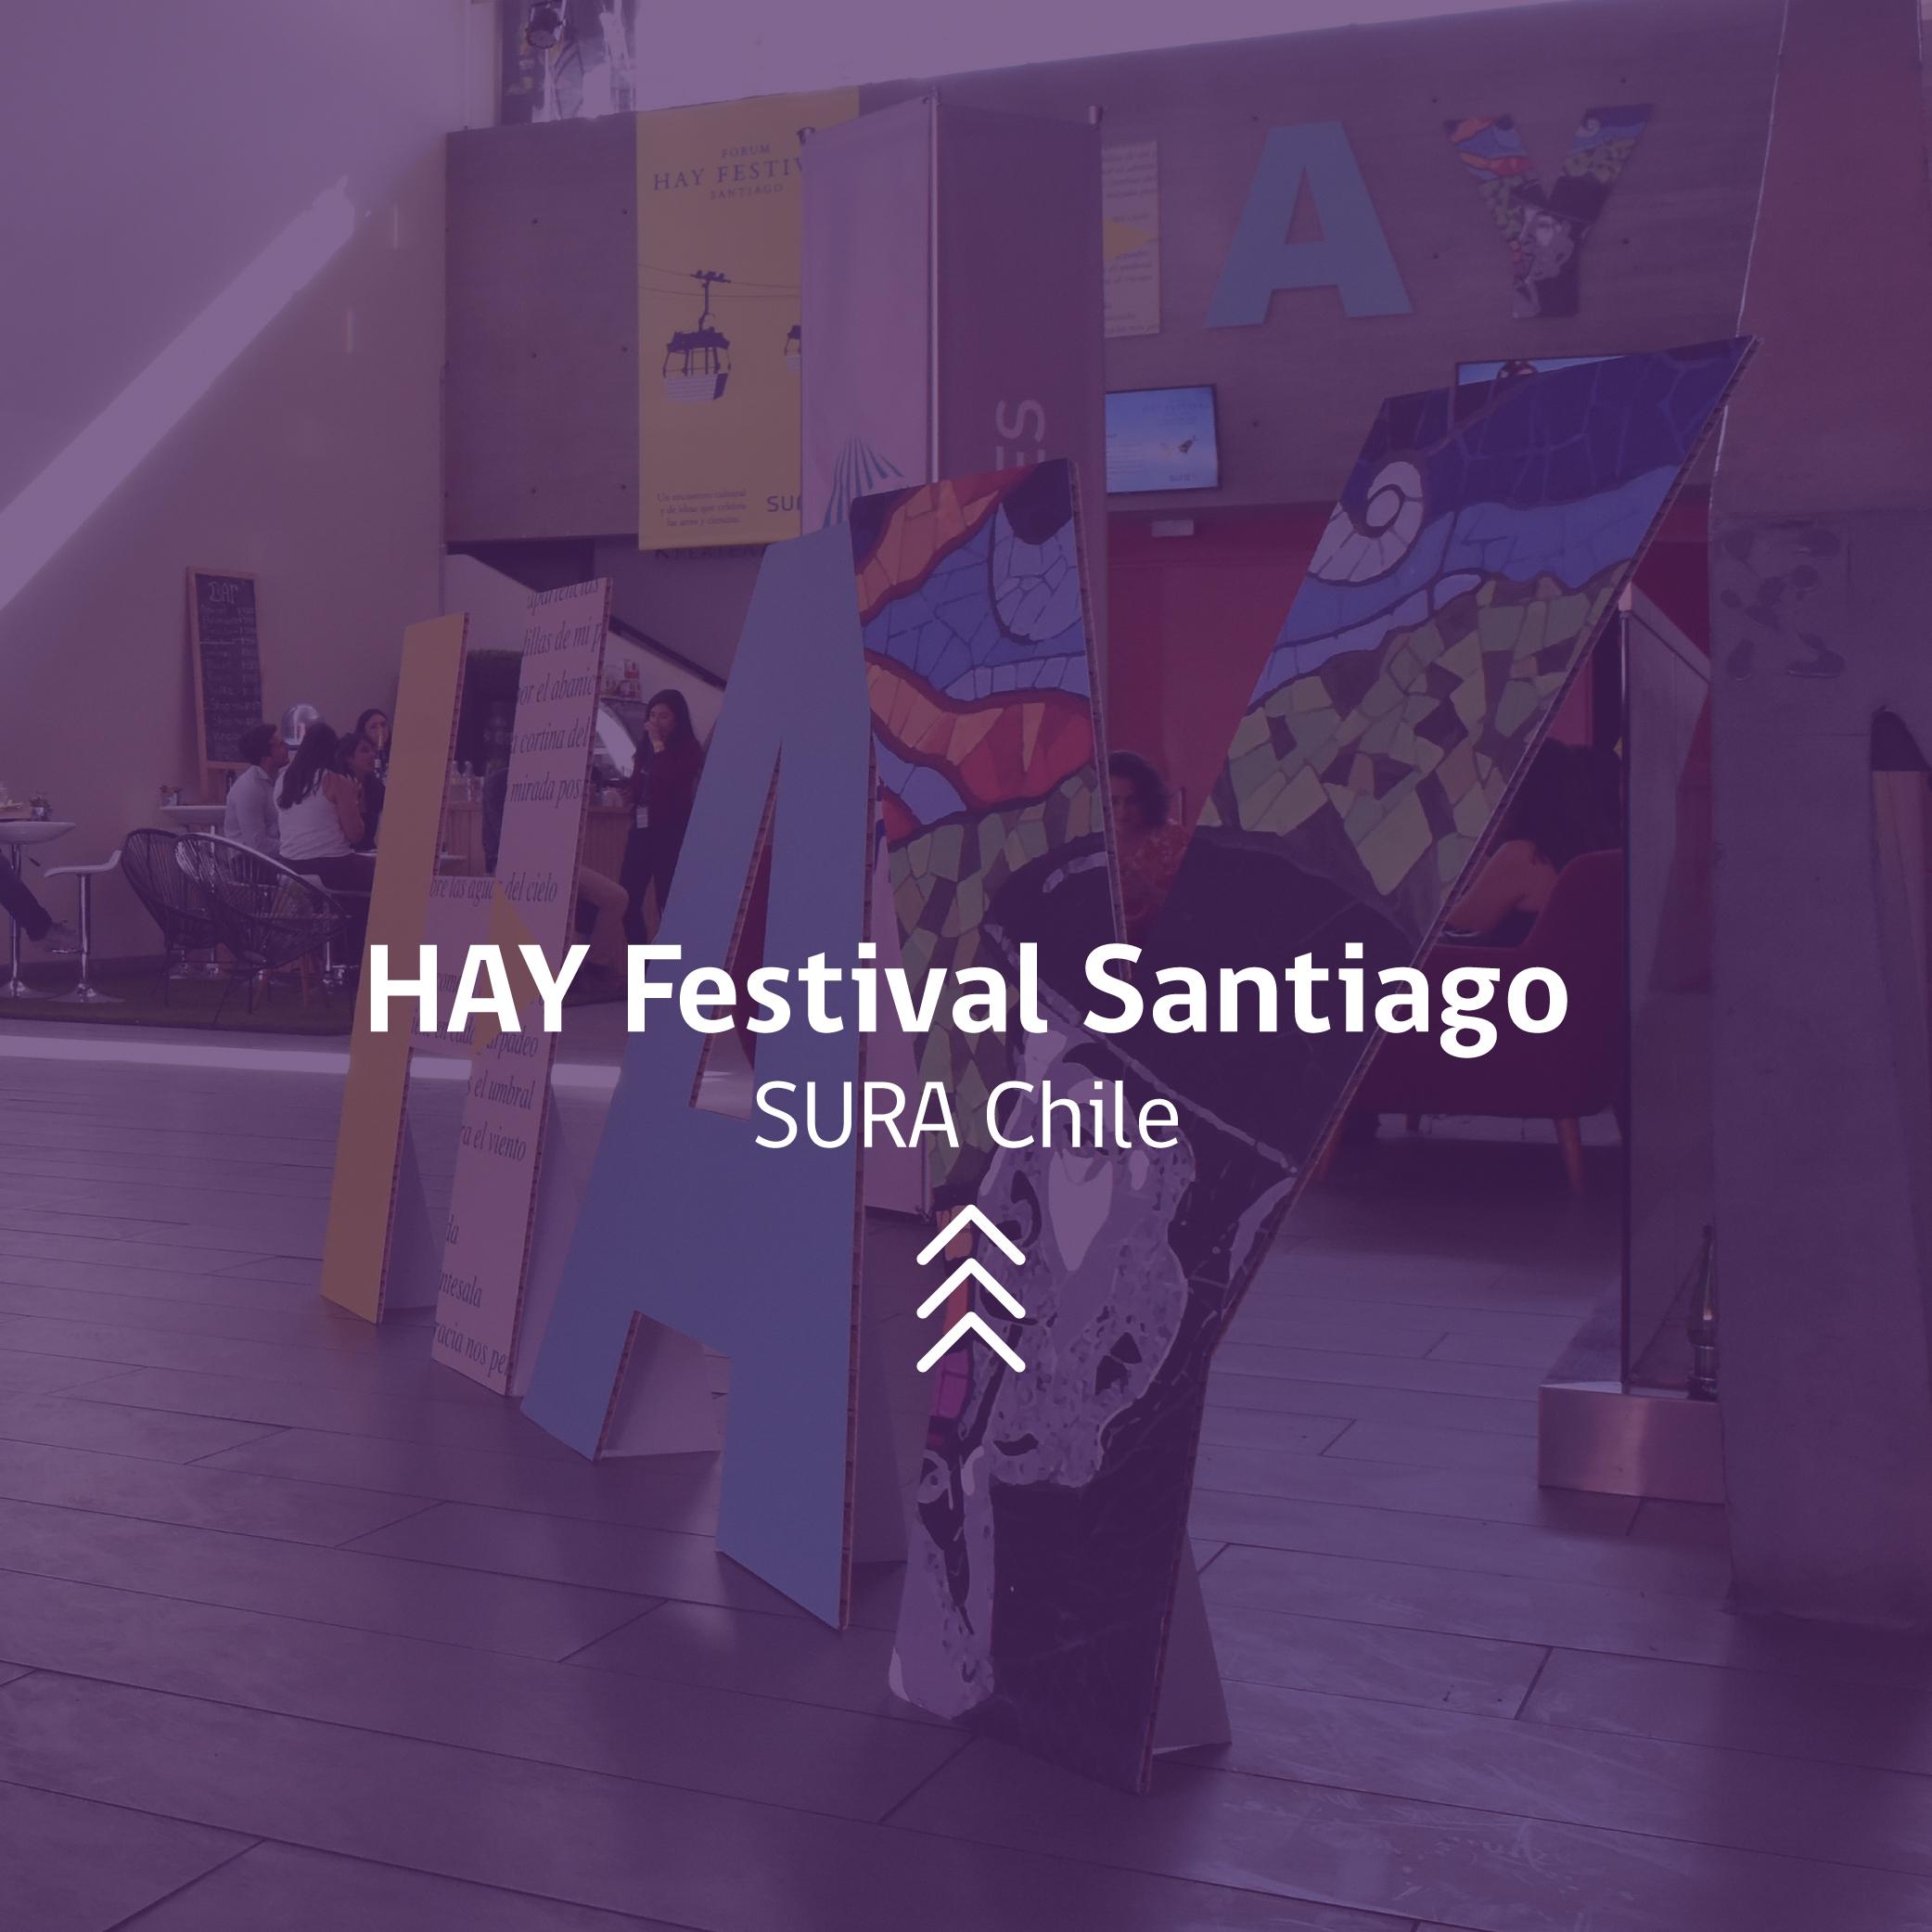 Hay Festival Santiago SURA CHILE